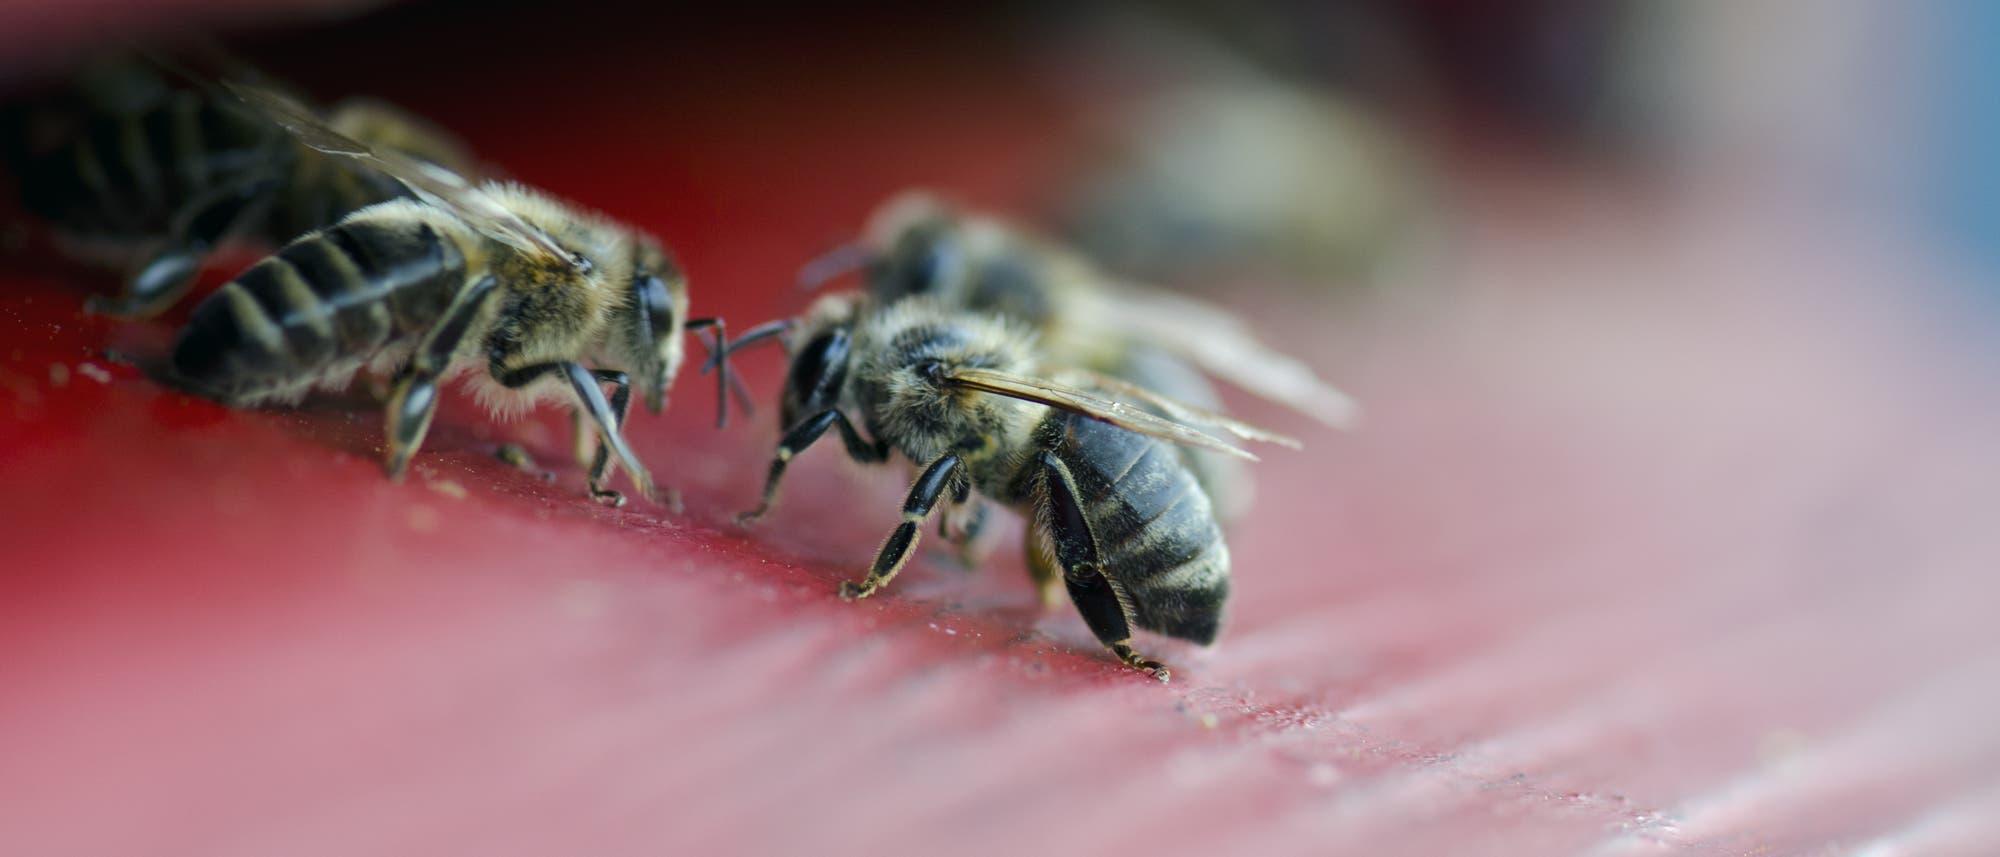 Wächter am Eingang des Bienenstocks